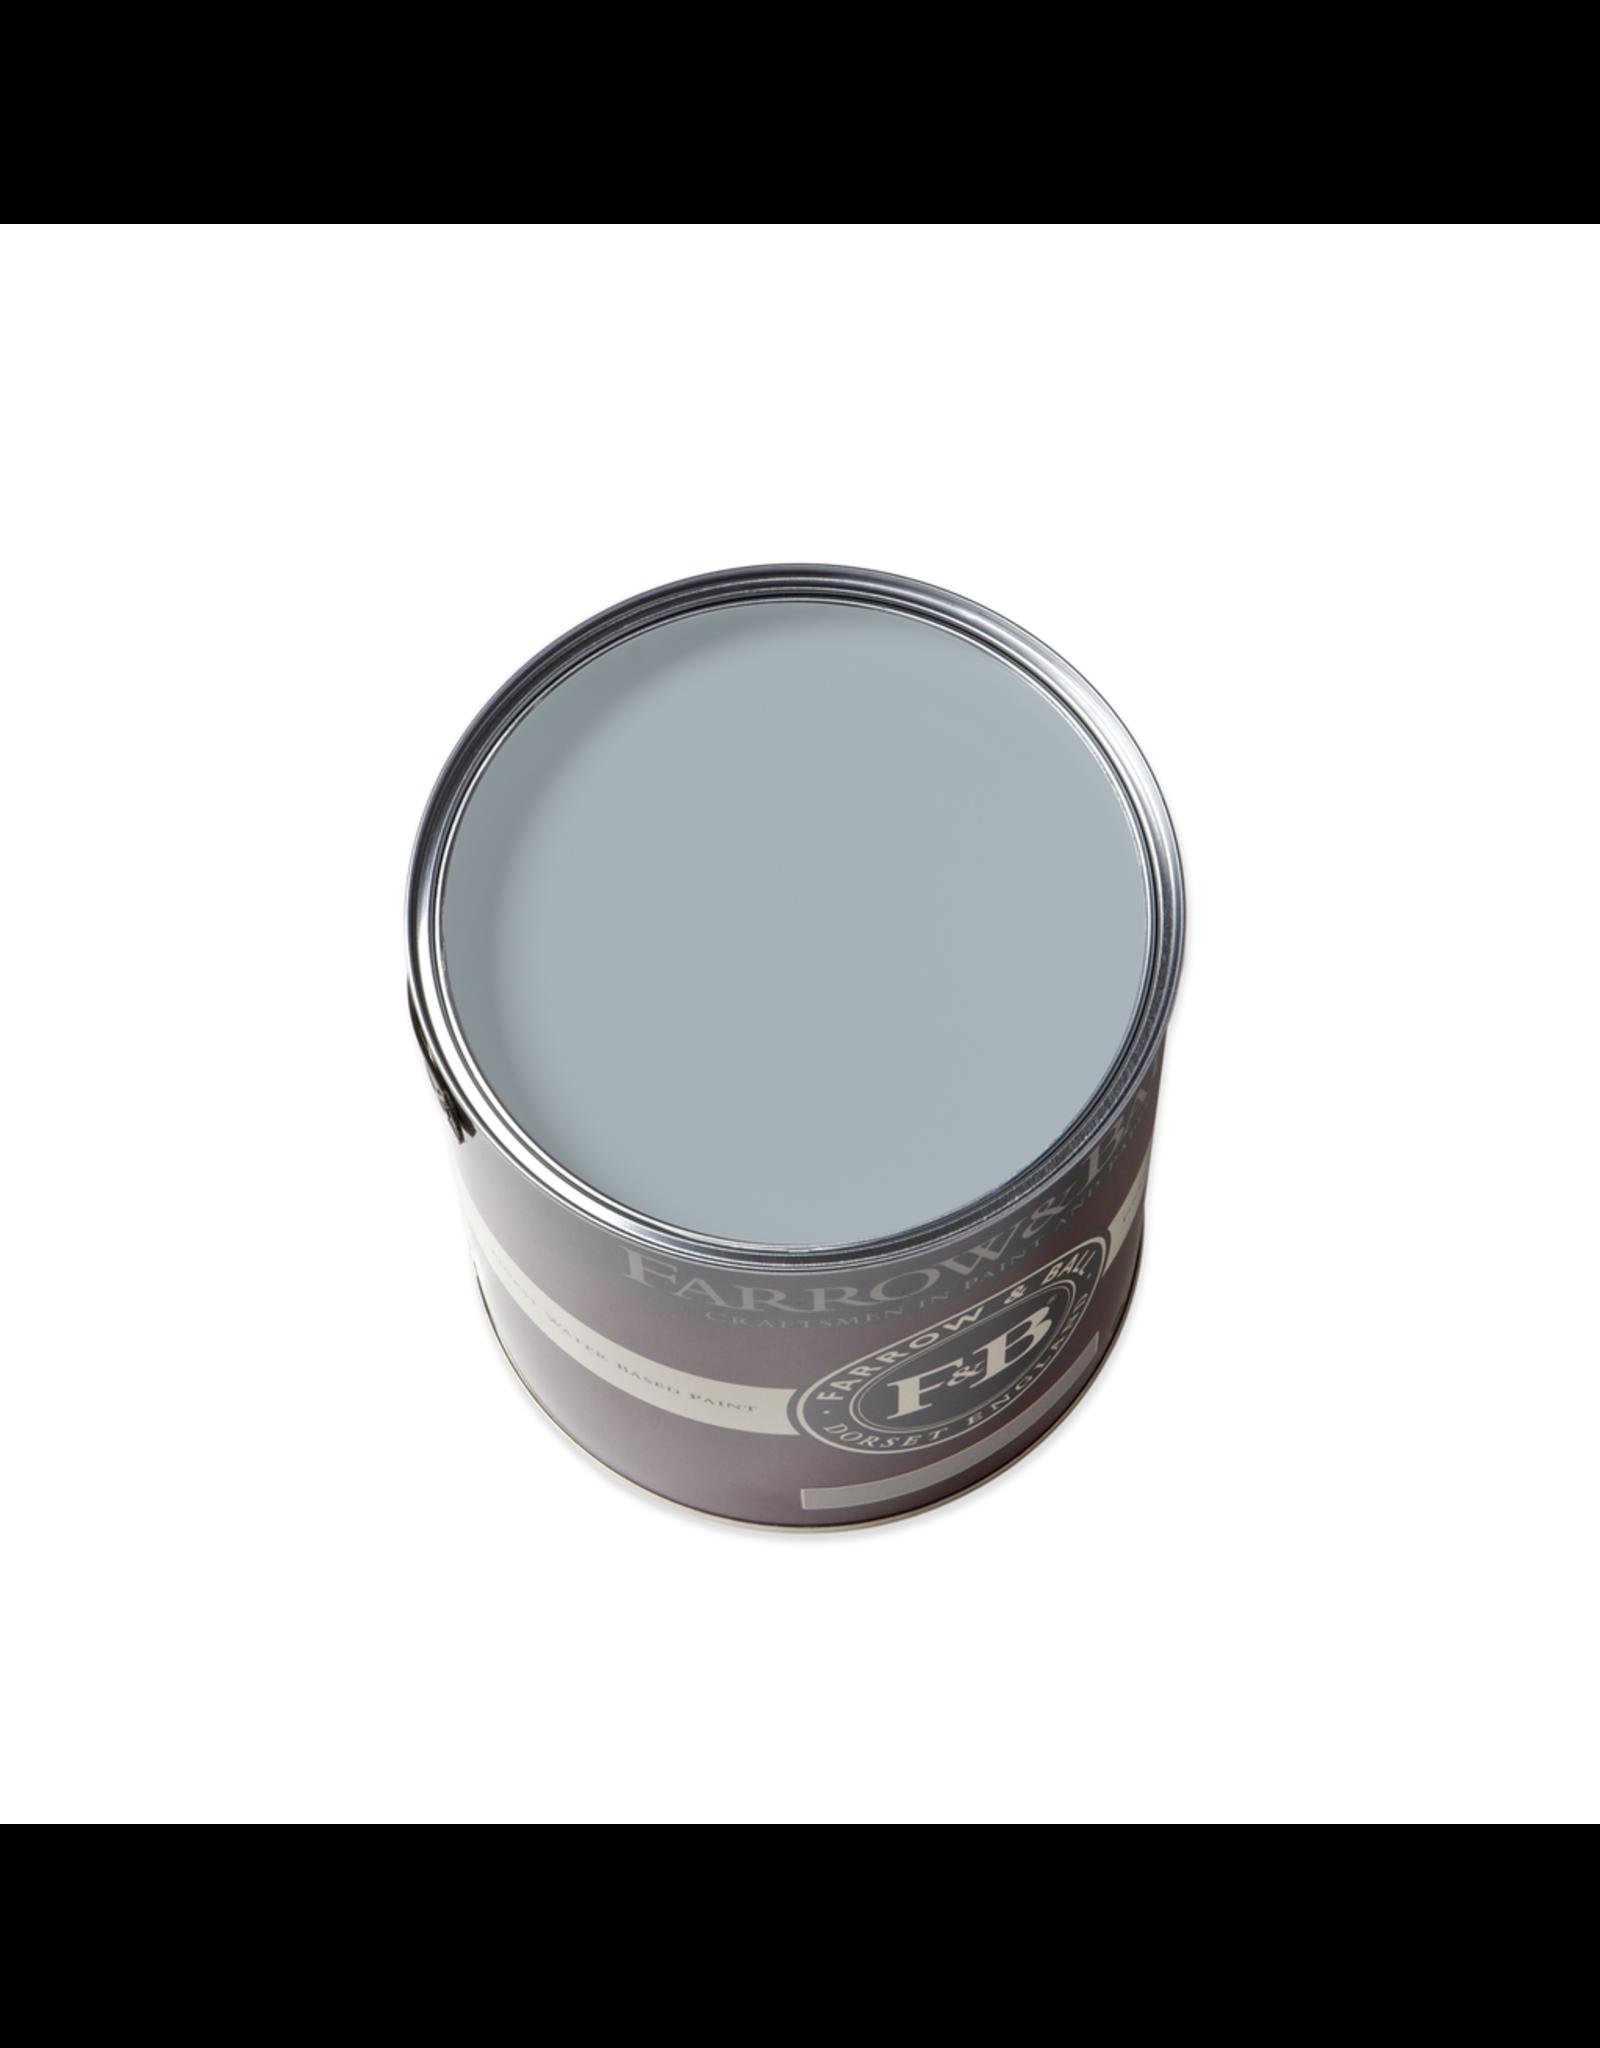 Farrow and Ball Gallon Modern Emulsion Parma Gray No 27